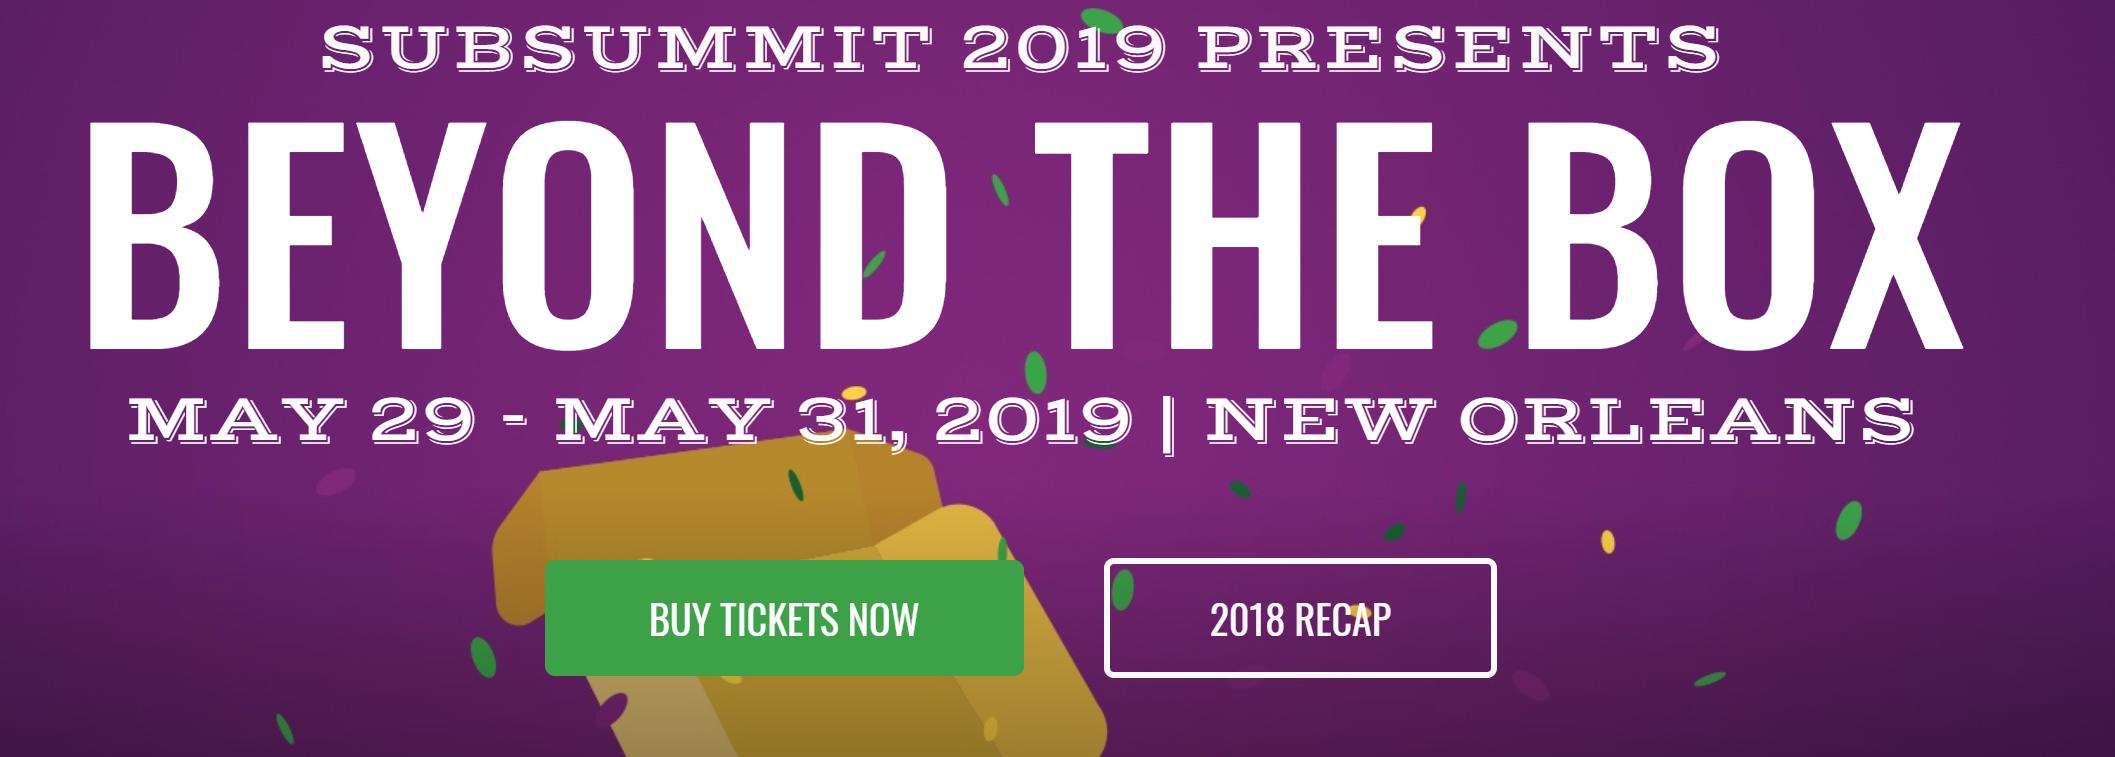 sub summit 2019